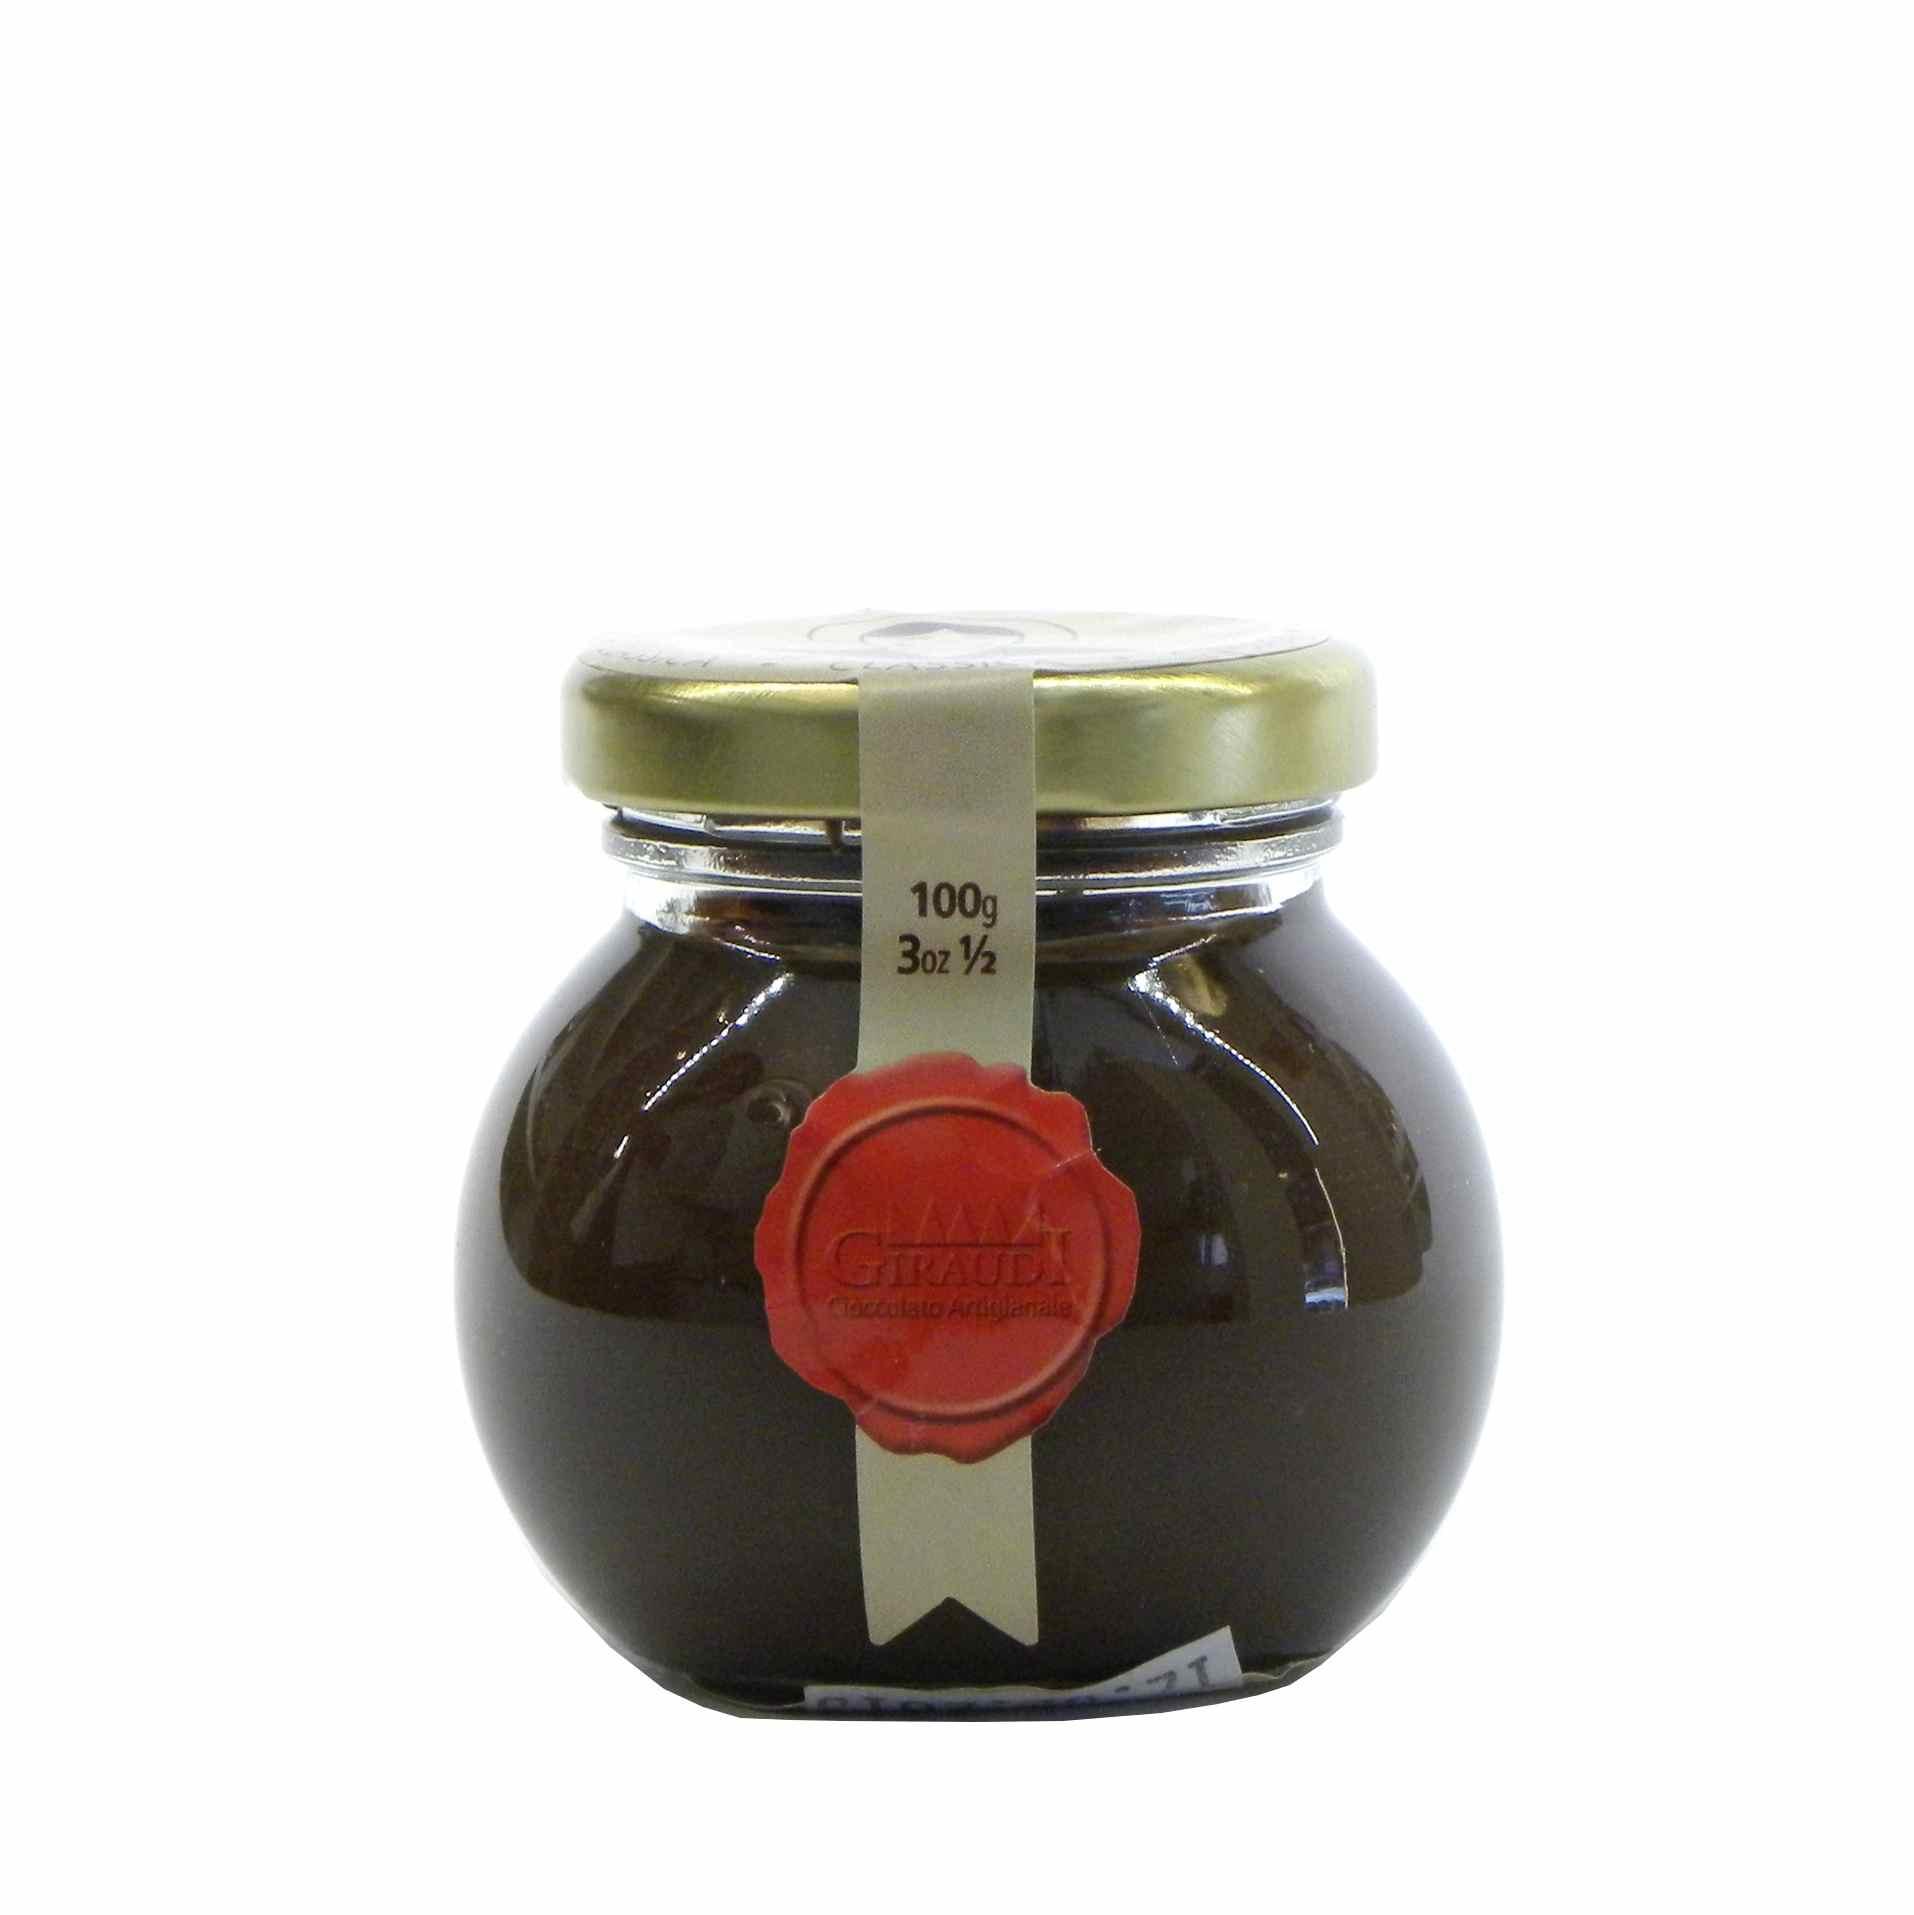 Giraudi Giacometta classica crema nocciole  100 g – Giraudi Giacometta hazelnuts chocolate spread 100 g – Gustorotondo – Italian food boutique